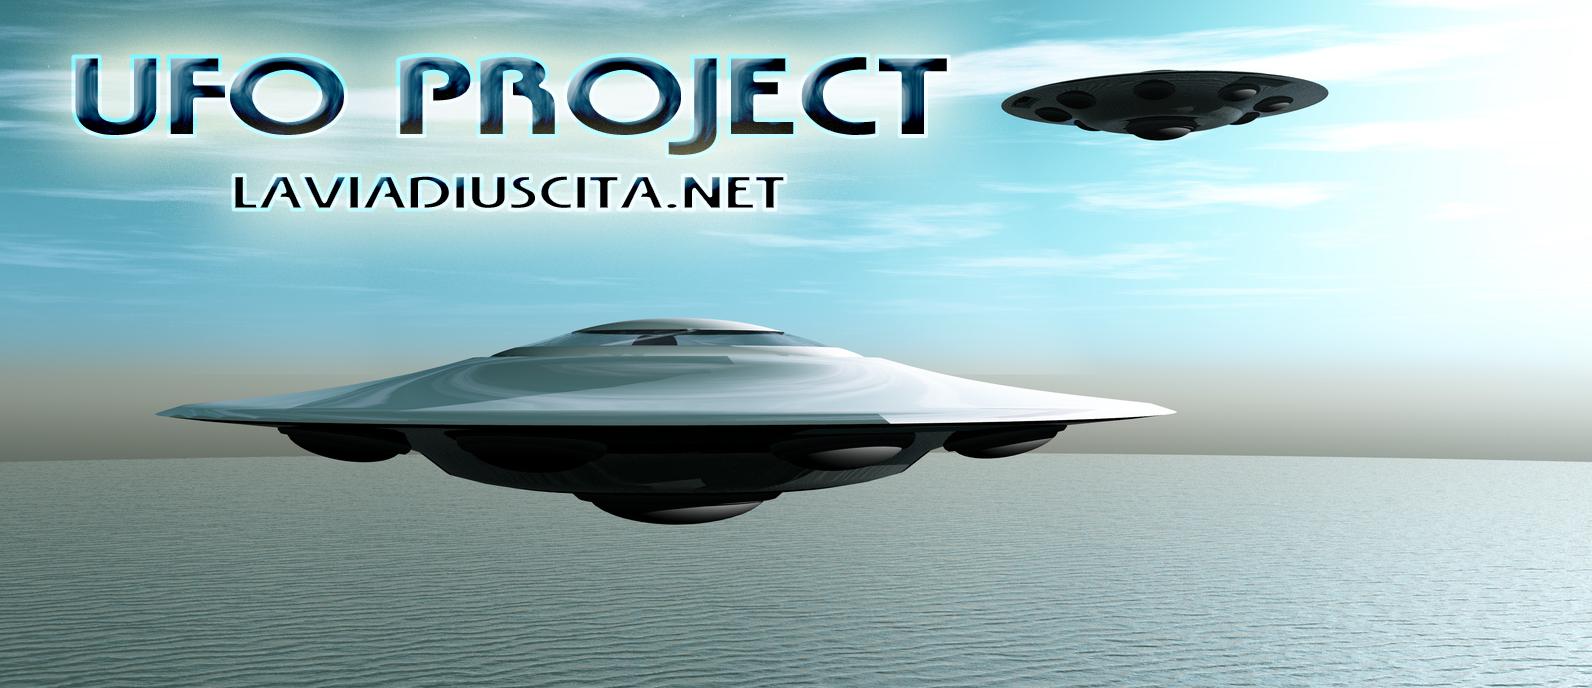 Ufo Project - La Via di Uscita